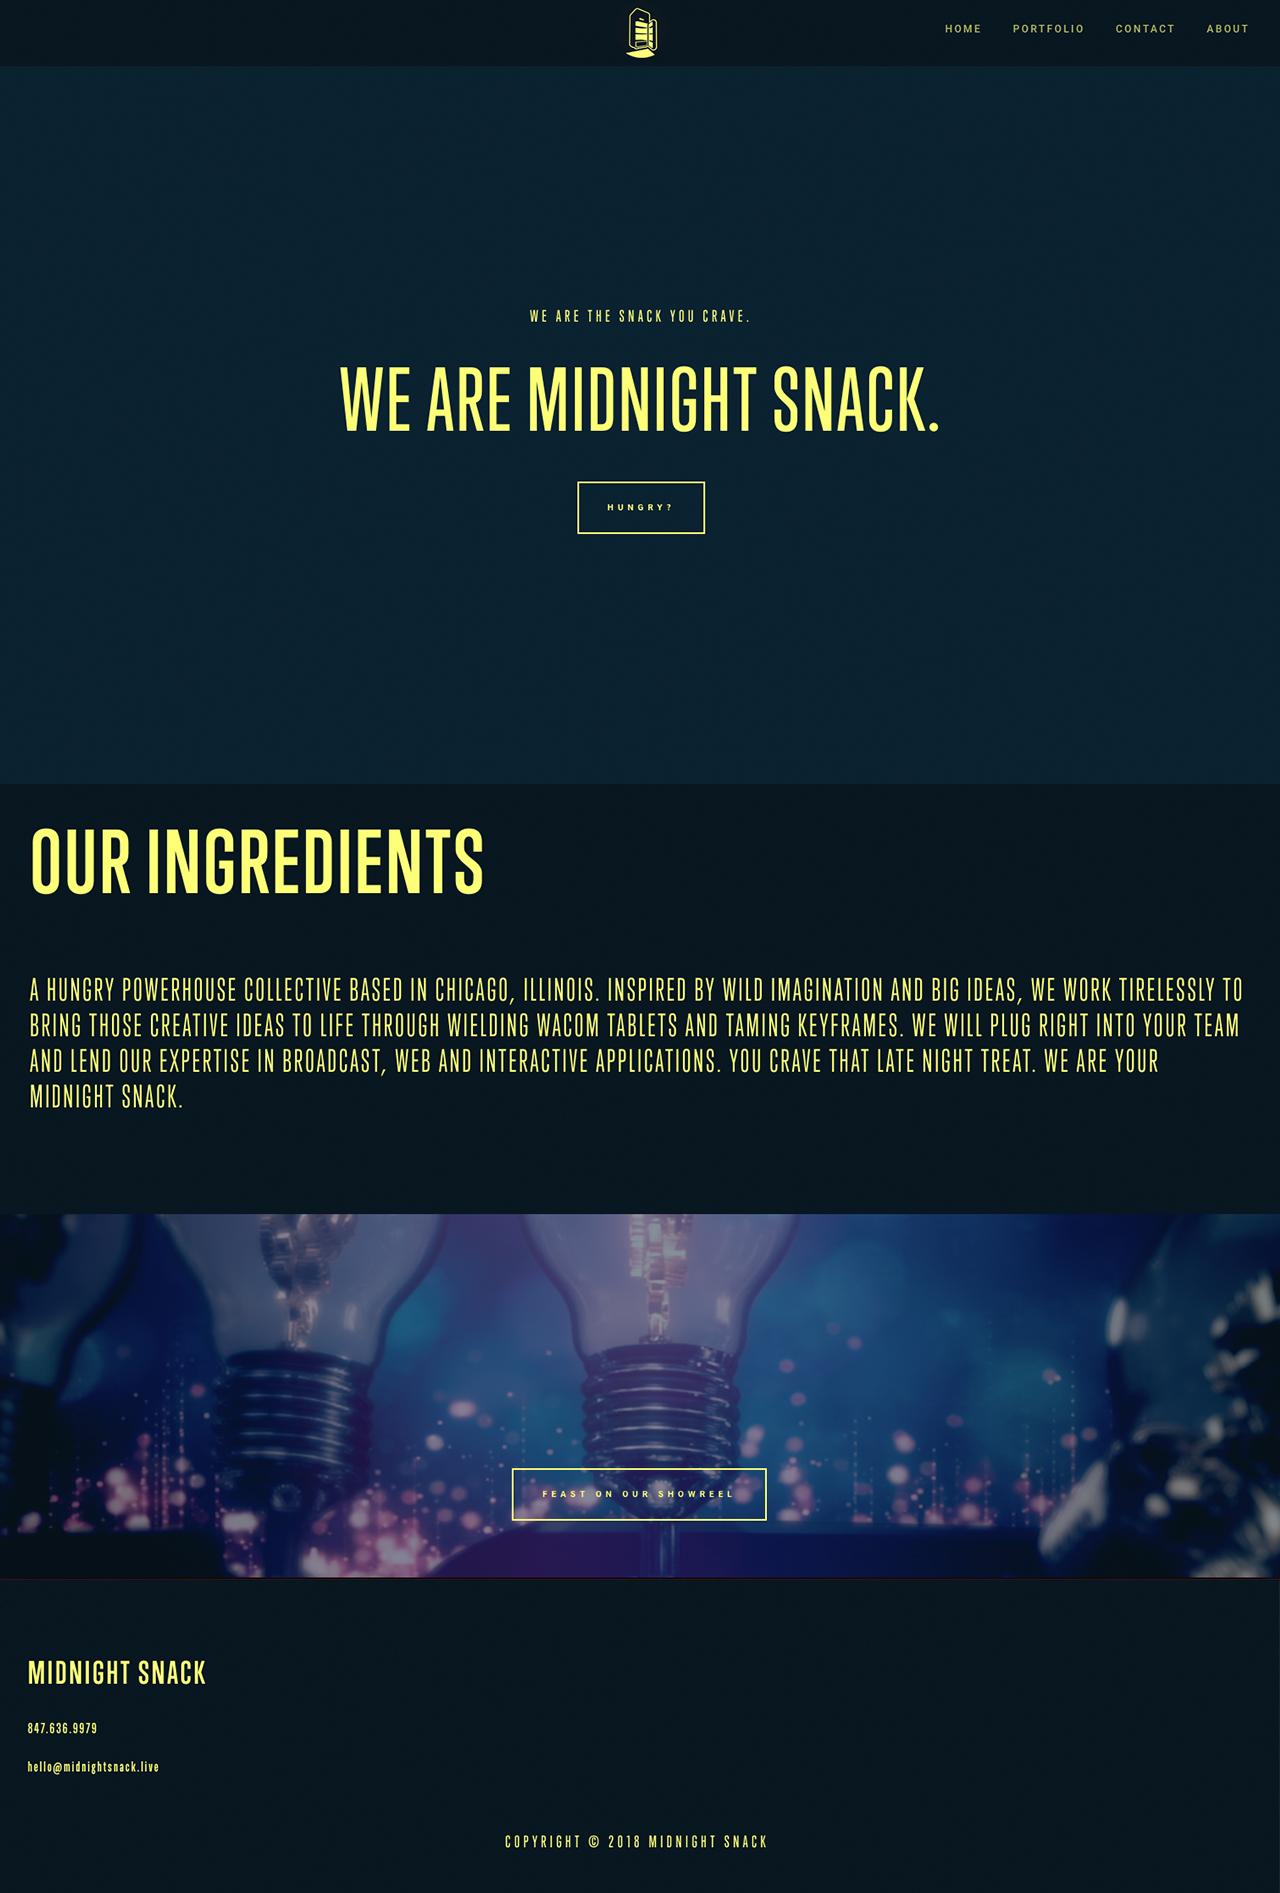 midnightsnack-desktop